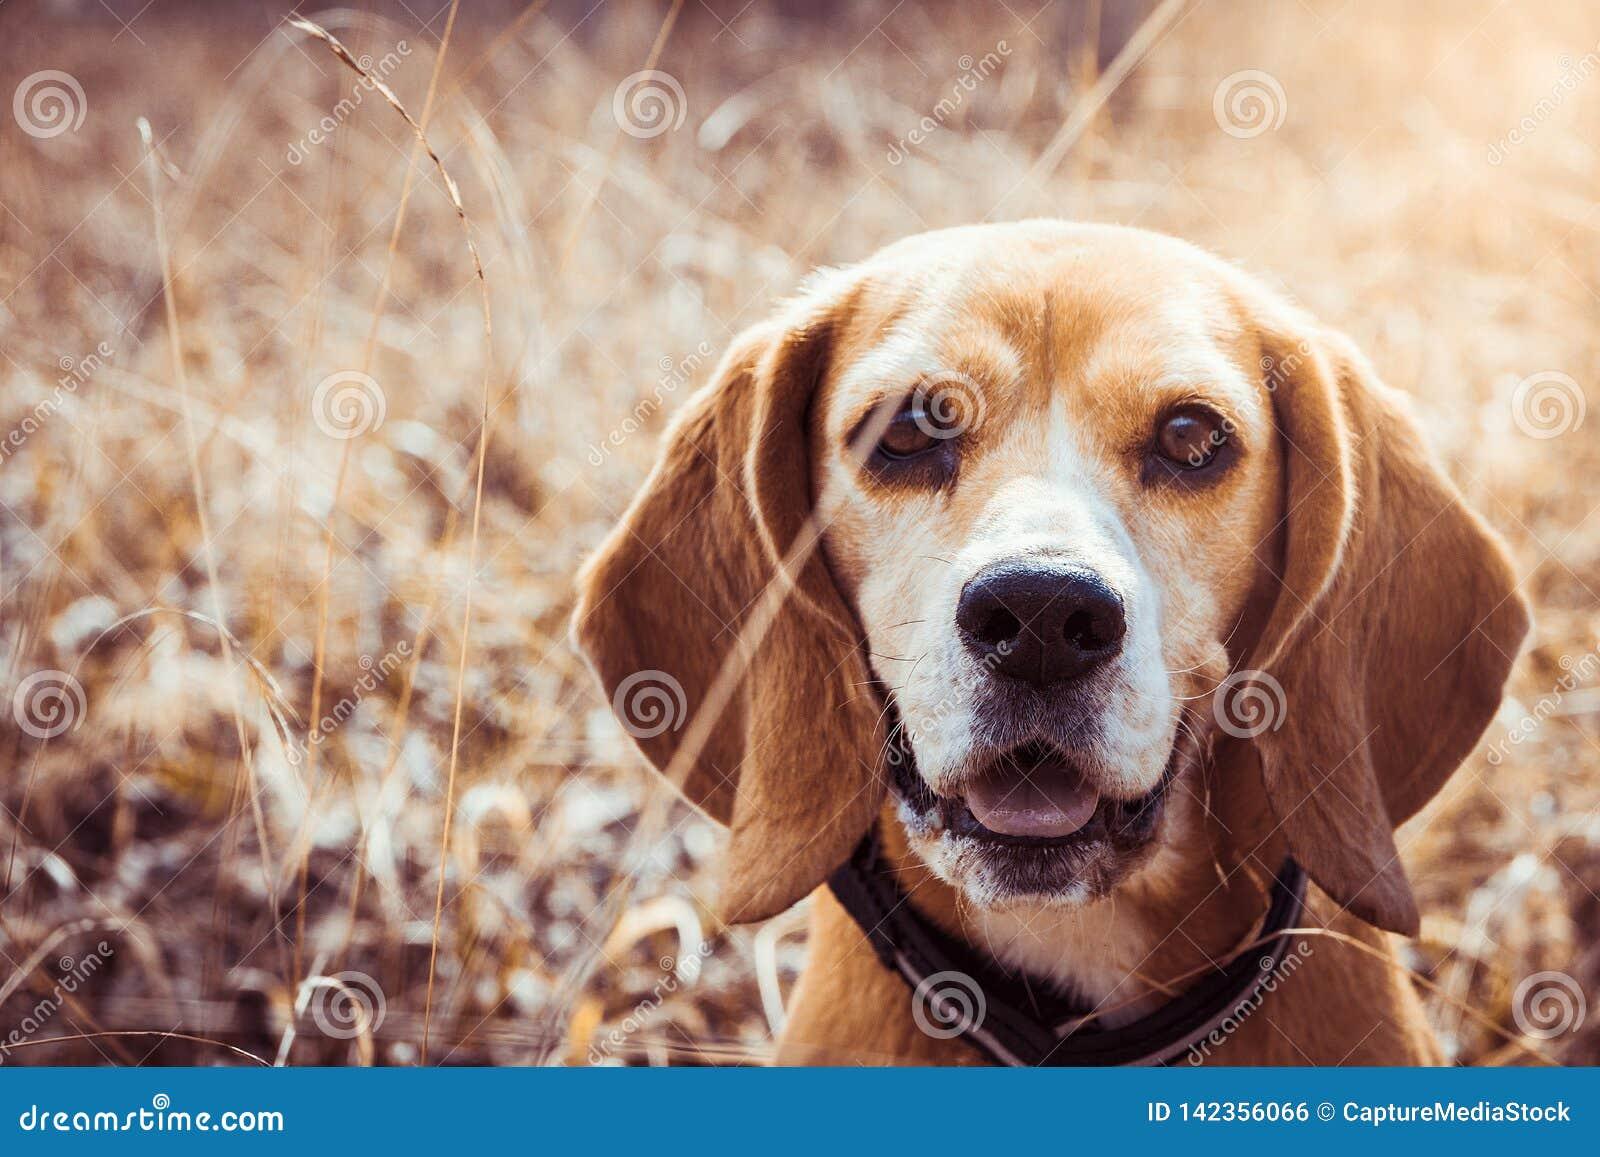 Πορτρέτο του καθαρού σκυλιού λαγωνικών φυλής Στενό επάνω χαμόγελο προσώπου λαγωνικών σκυλί ευτυχές